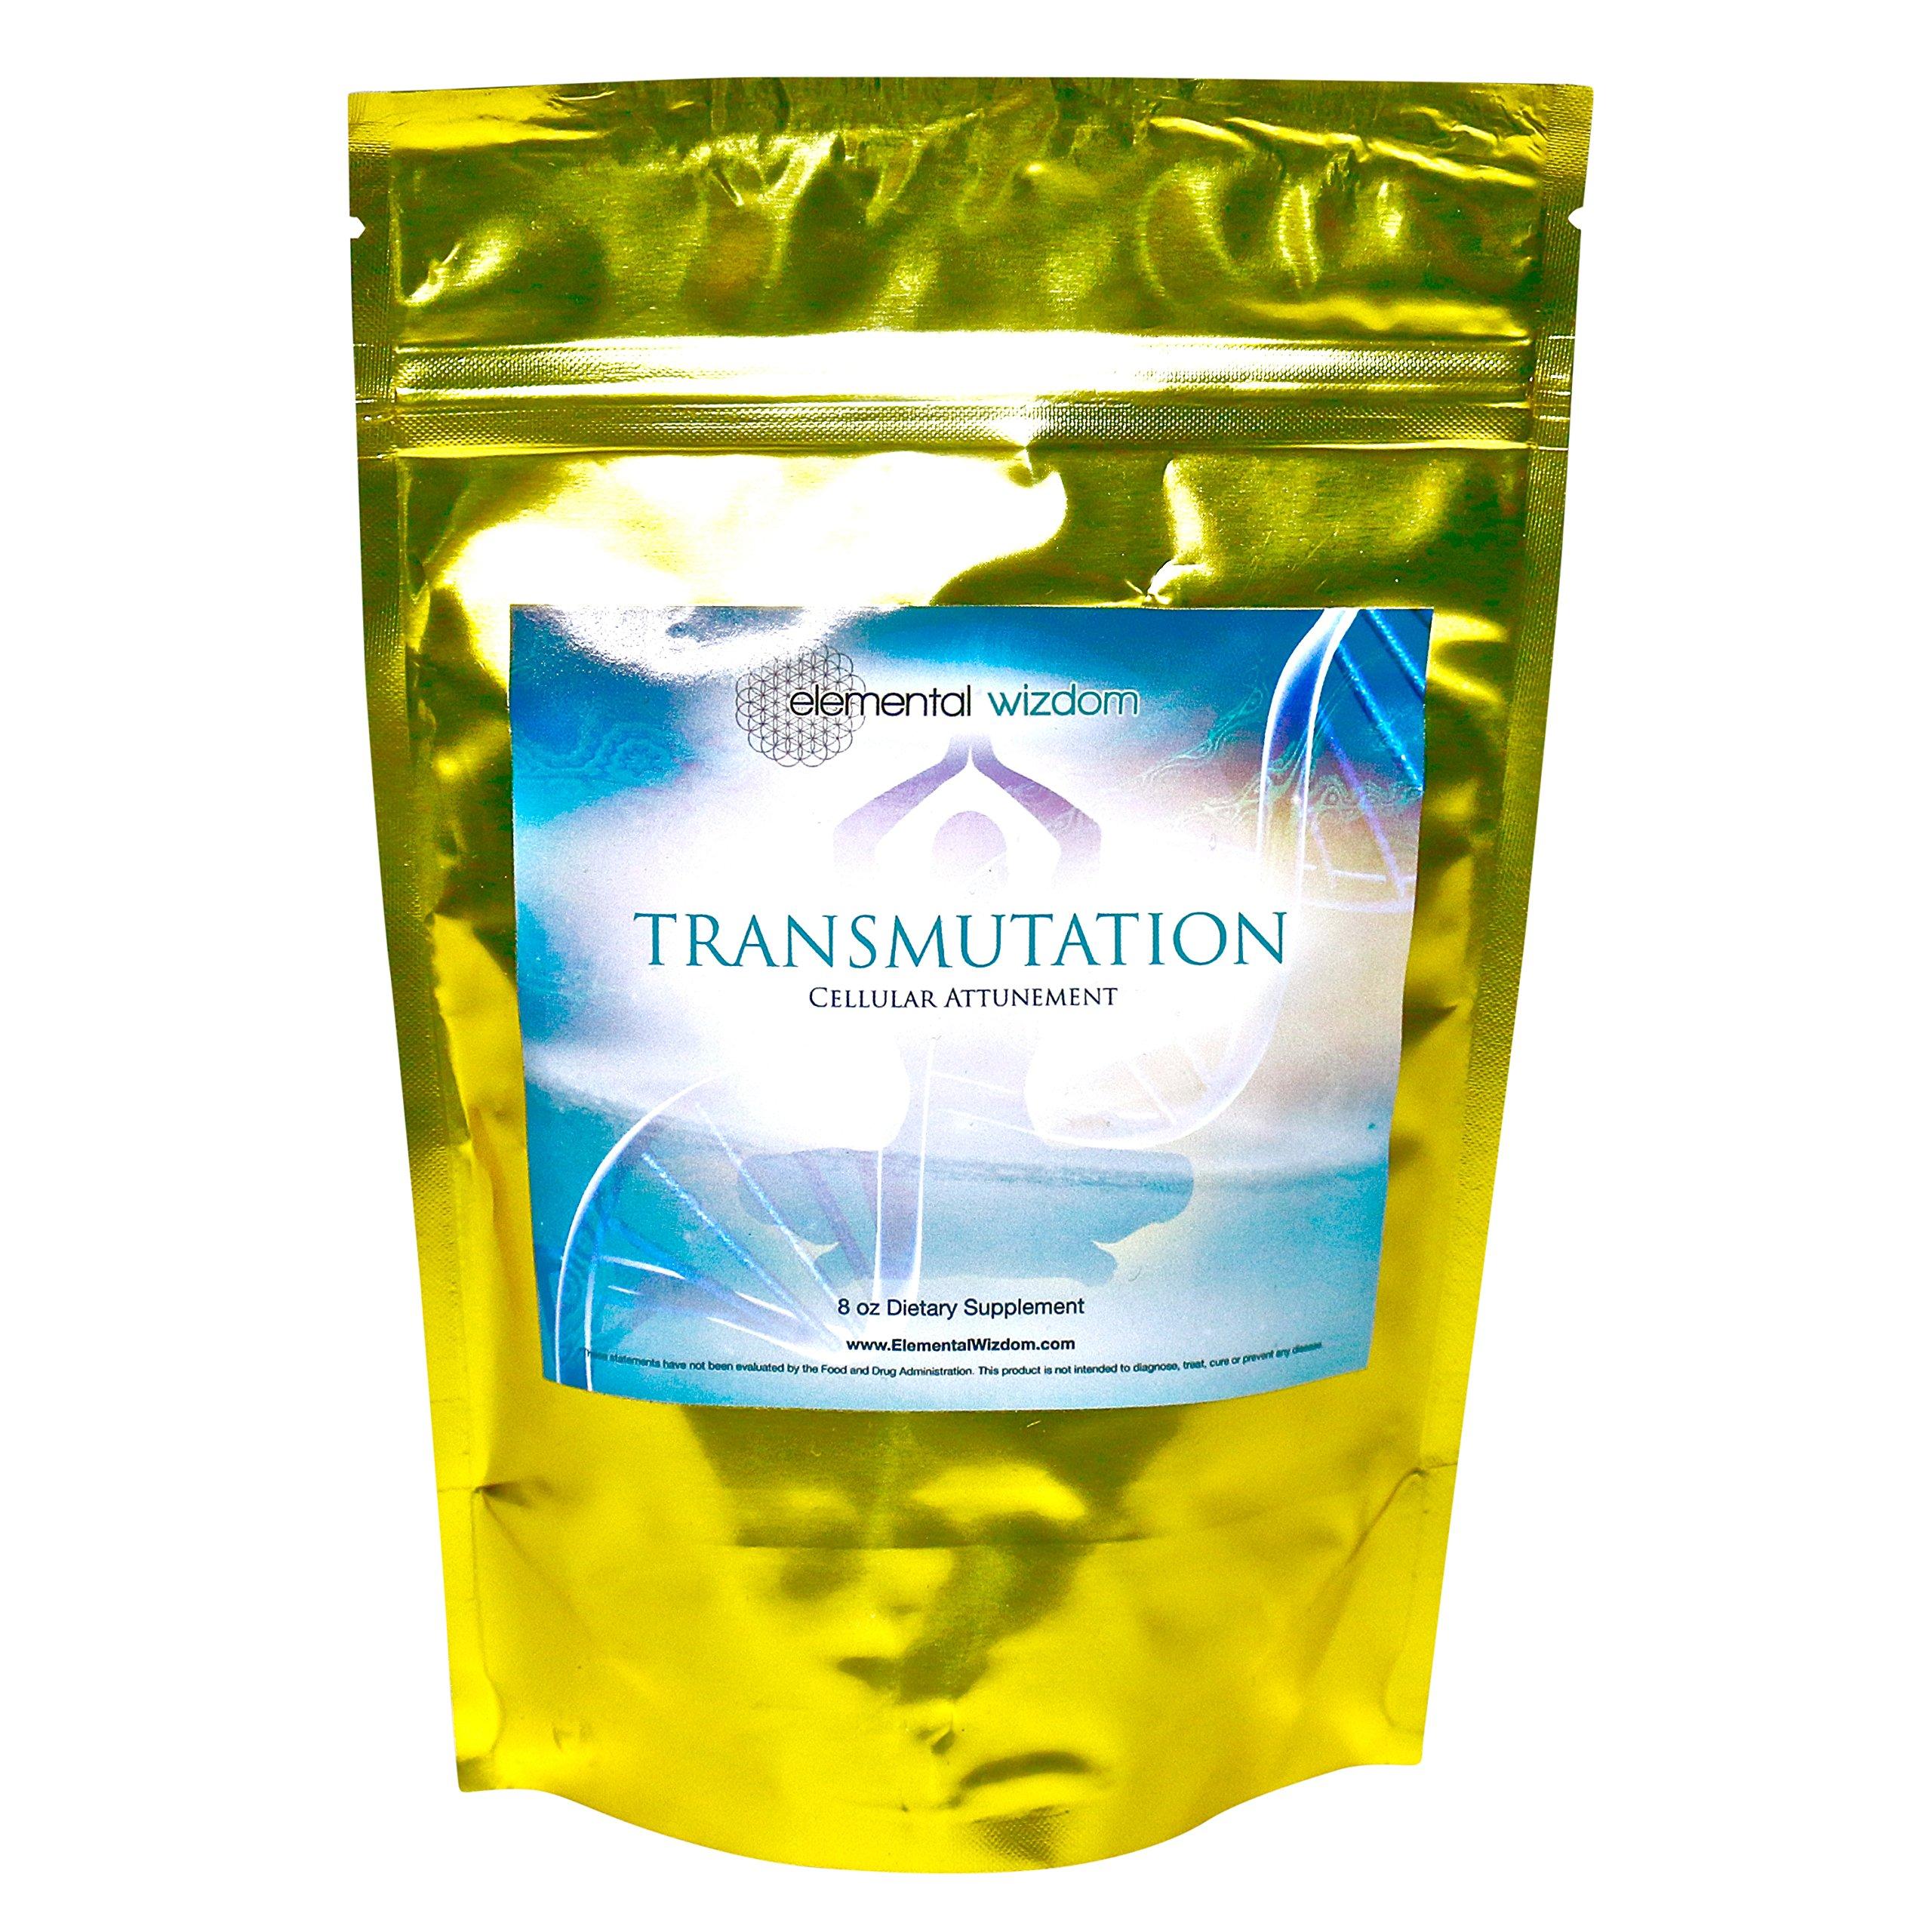 Transmutation by Elemental Wizdom